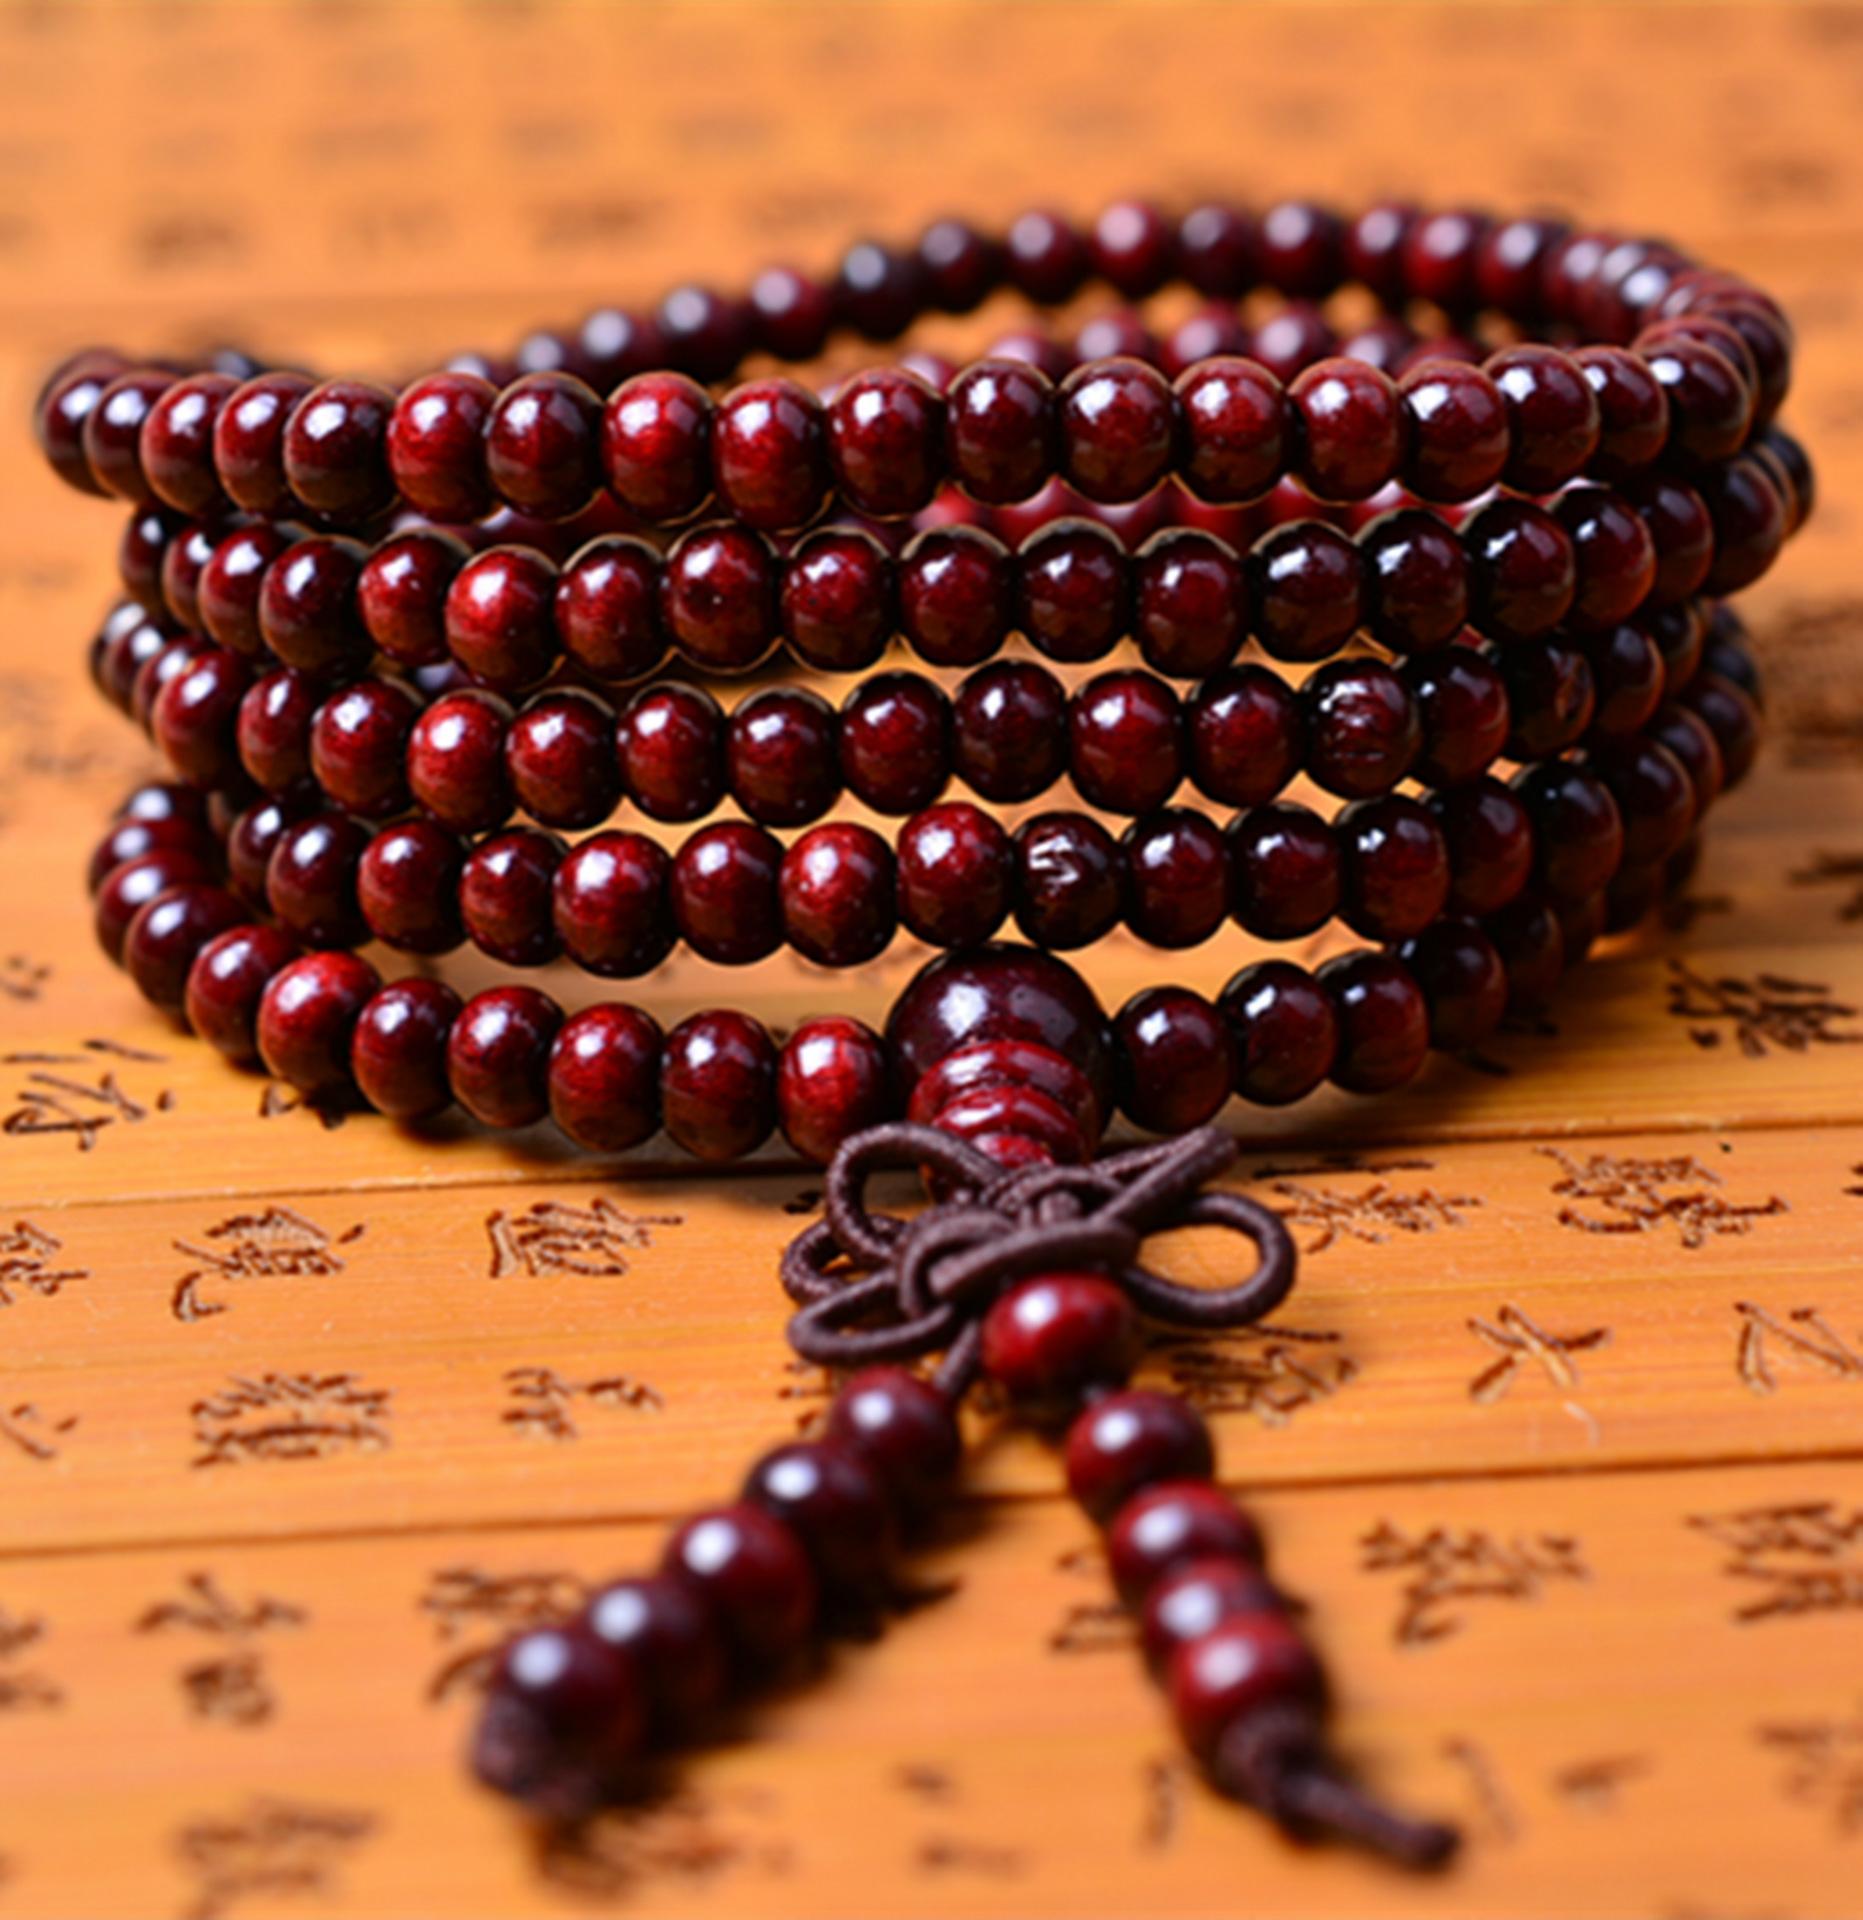 QINGXIN Chuỗi phật 108 hạt vòng tay vòng tay Thời trang cặp đôi vòng tay hạt cầu nguyện Phật giáo